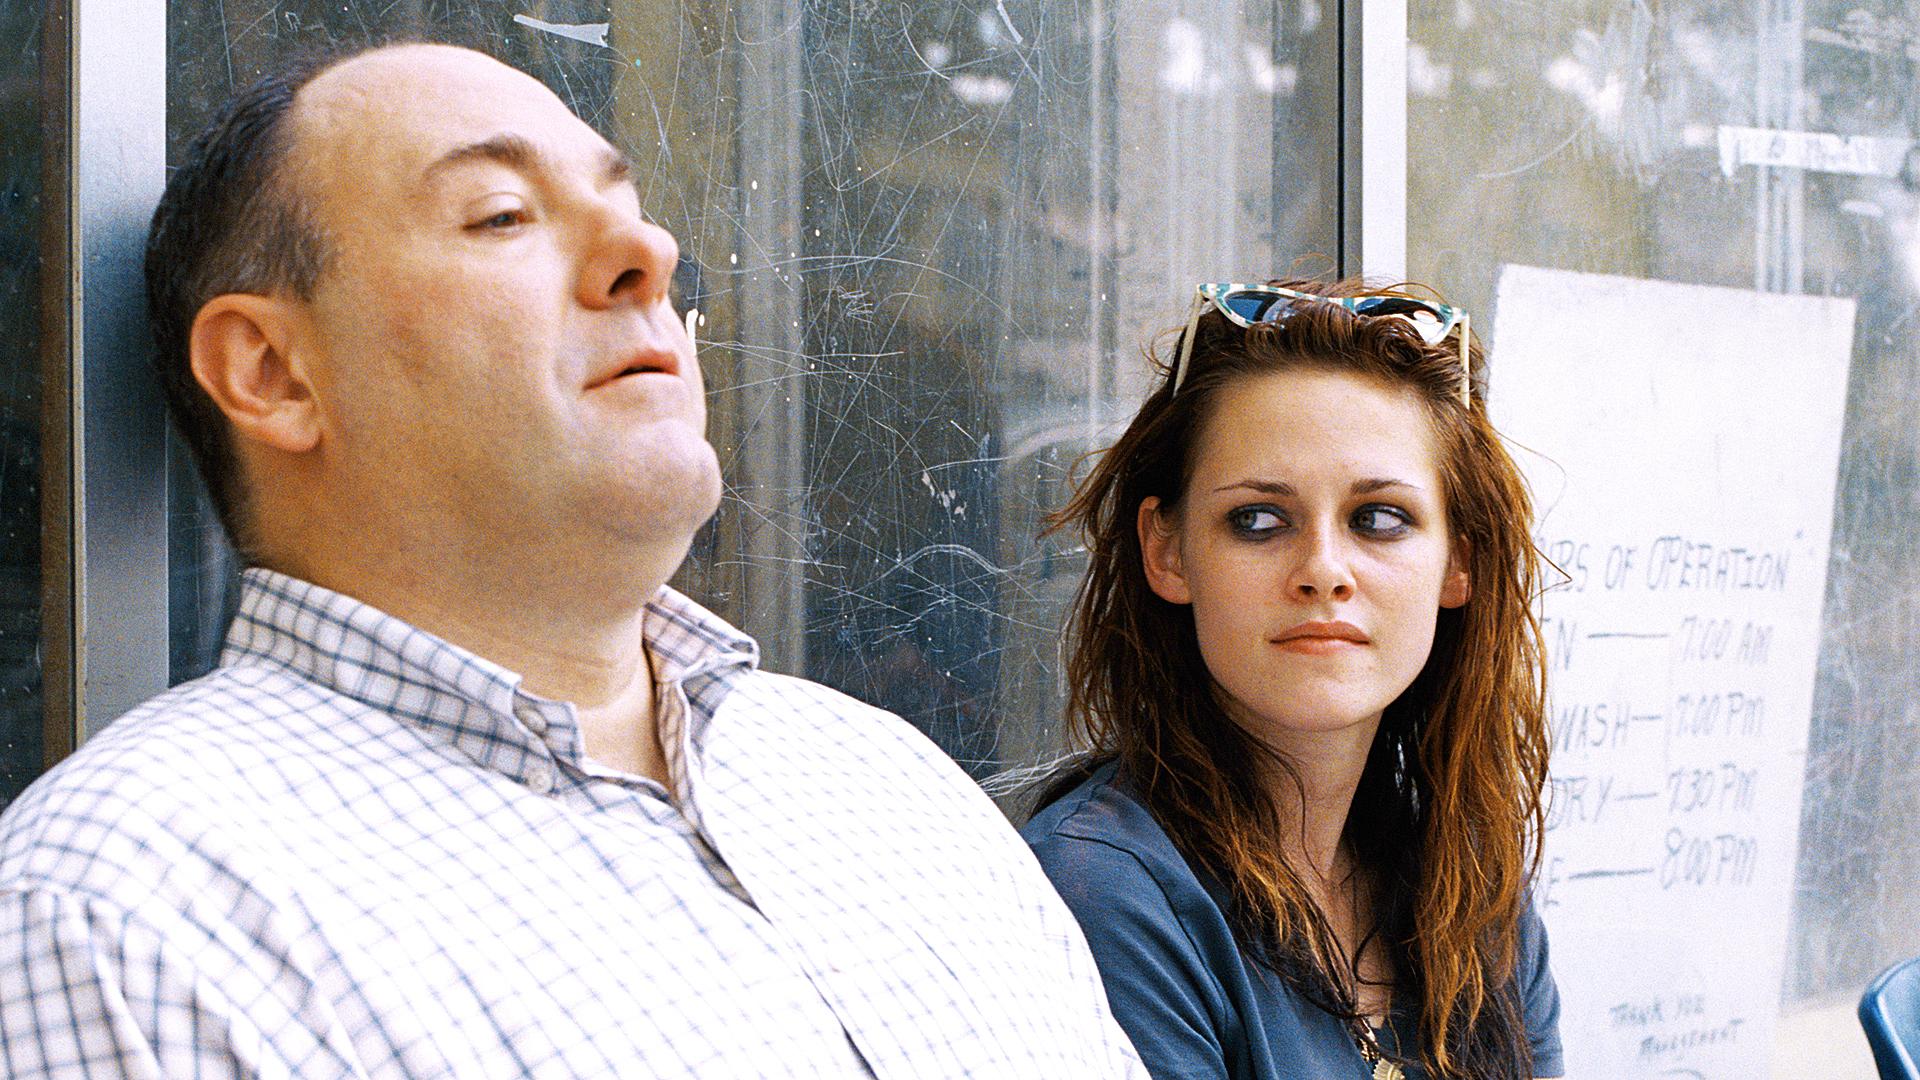 randění s mužem procházejícím rozvodovou radupříklady shrnutí seznamovací stránky